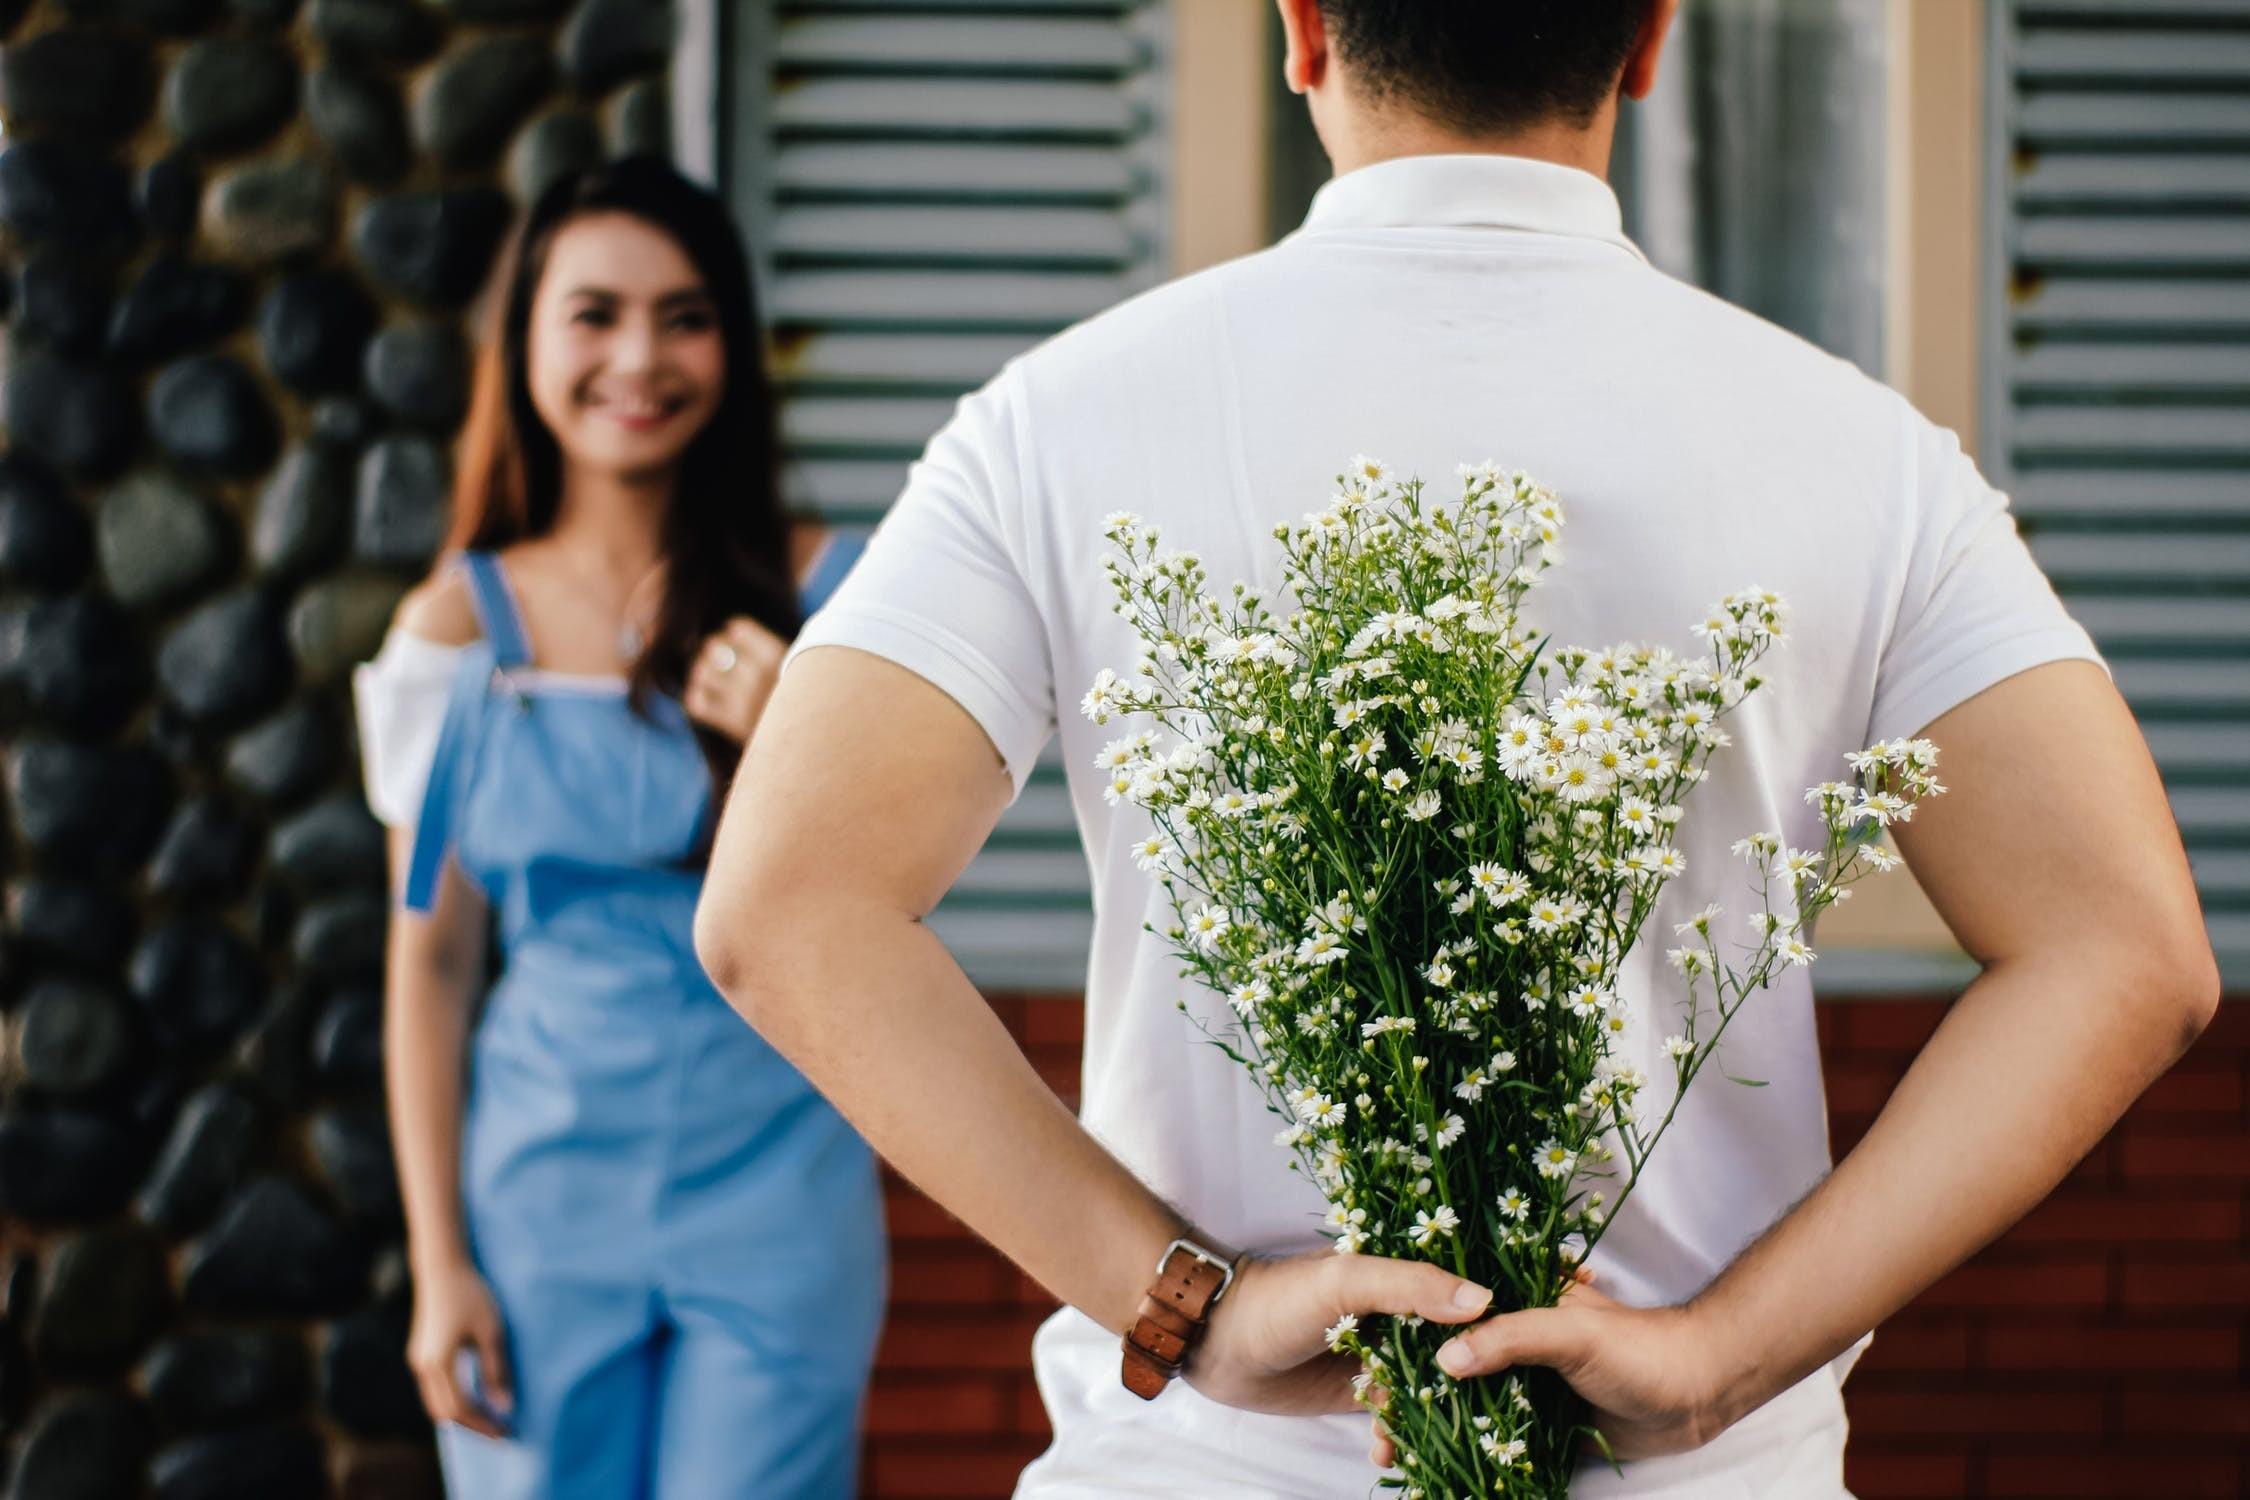 ▲情侶,夫妻,浪漫,甜蜜,戀愛,愛情,感情。(圖/取自免費圖庫PEXELS)